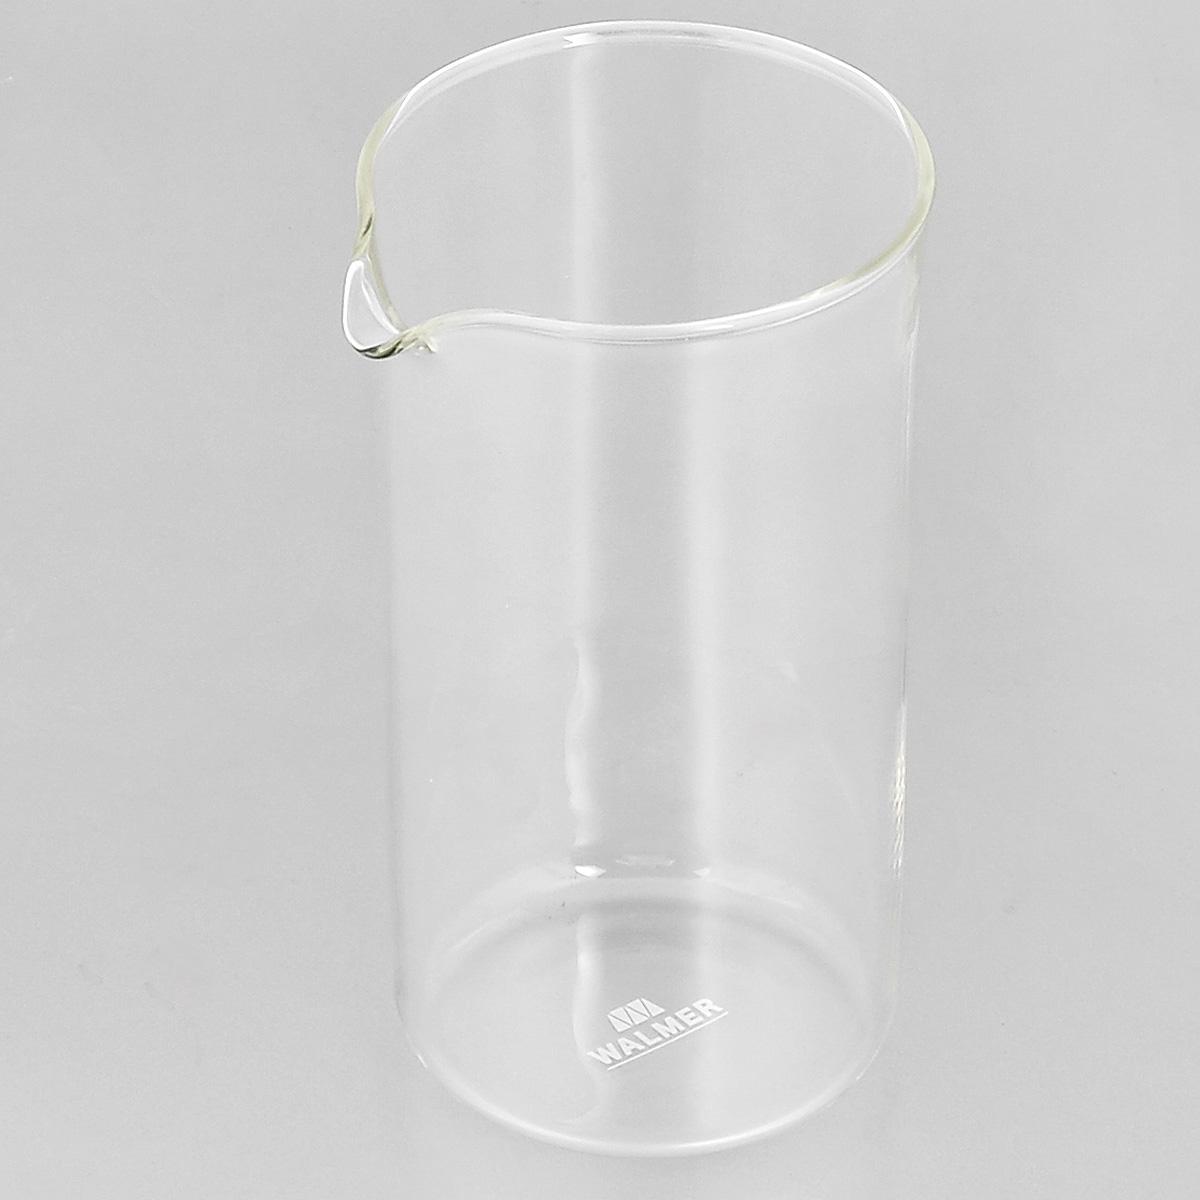 Колба для кофейников Walmer, 350 мл391602Колба Walmer, изготовленная из высококачественного прозрачного стекла, предназначена для кофейников и френч-прессов. Изделие прекрасно подойдет для замены старой разбитой колбы. Это сосуд, который напрямую контактирует с напитком, поэтому он должен быть выполнен из качественных материалов. Изделие выдерживает высокие температуры и не мутнеет при многократном мытье. Данная колба прослужит вам надежно и долго.Можно мыть в посудомоечной машине.Диаметр: 7 см.Высота: 13,5 см.Объем: 350 мл.